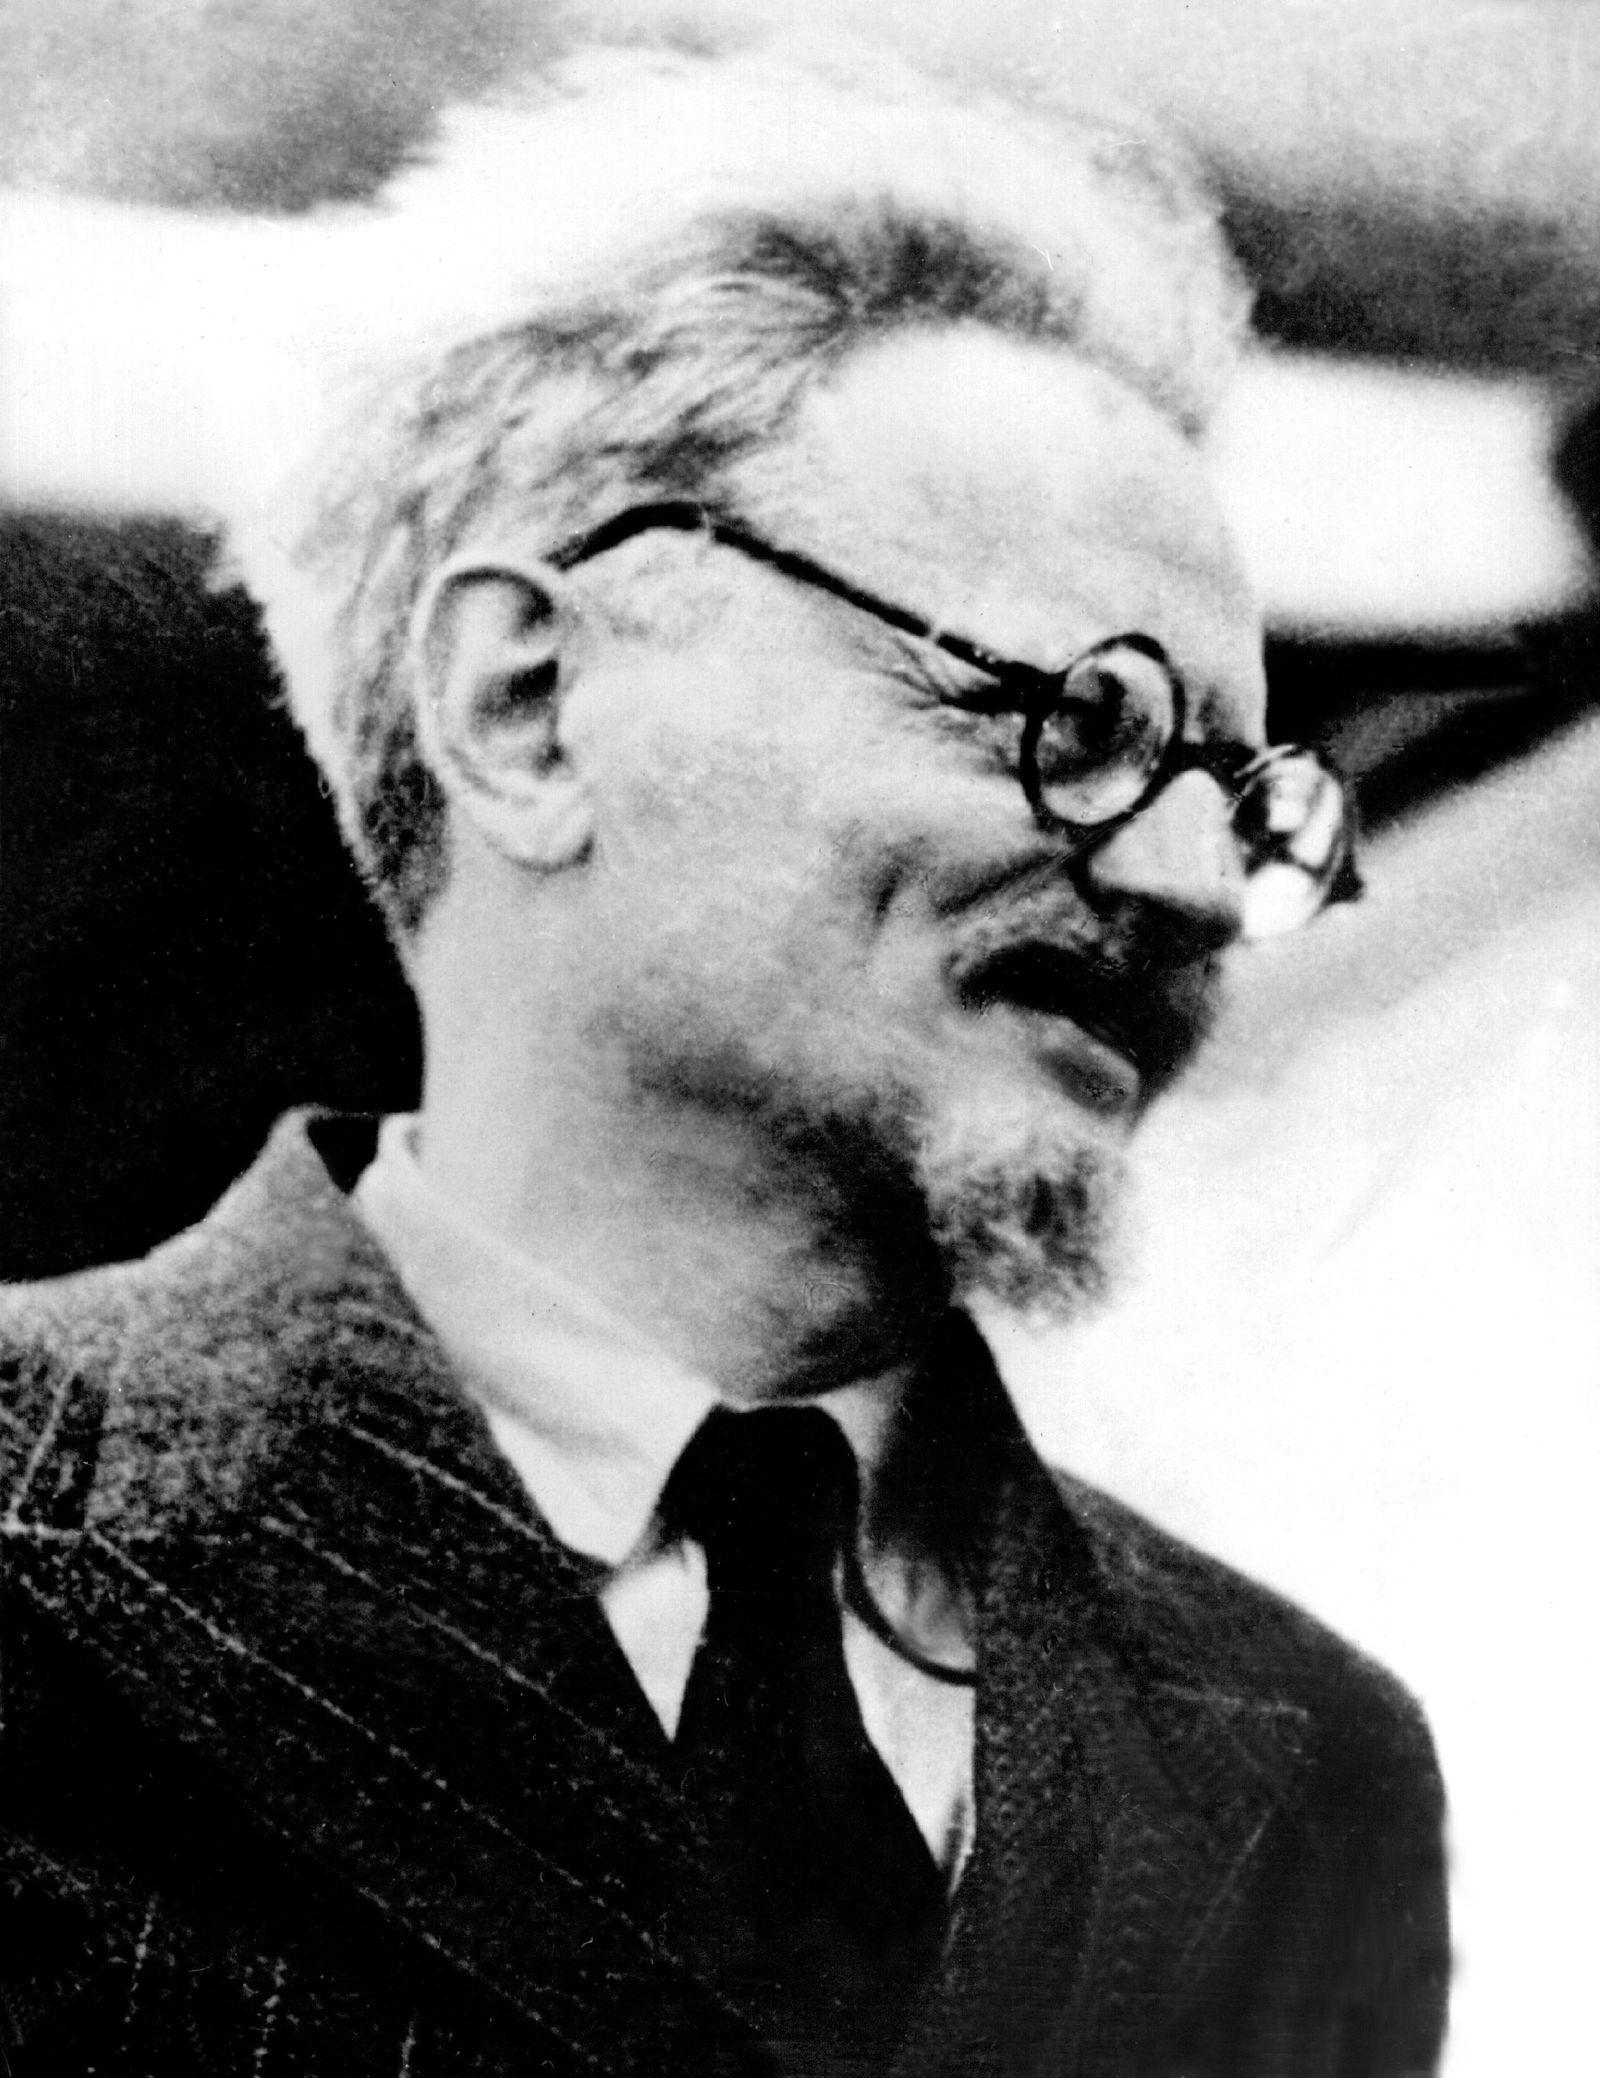 Leo Trotzki vor 125 Jahren geboren